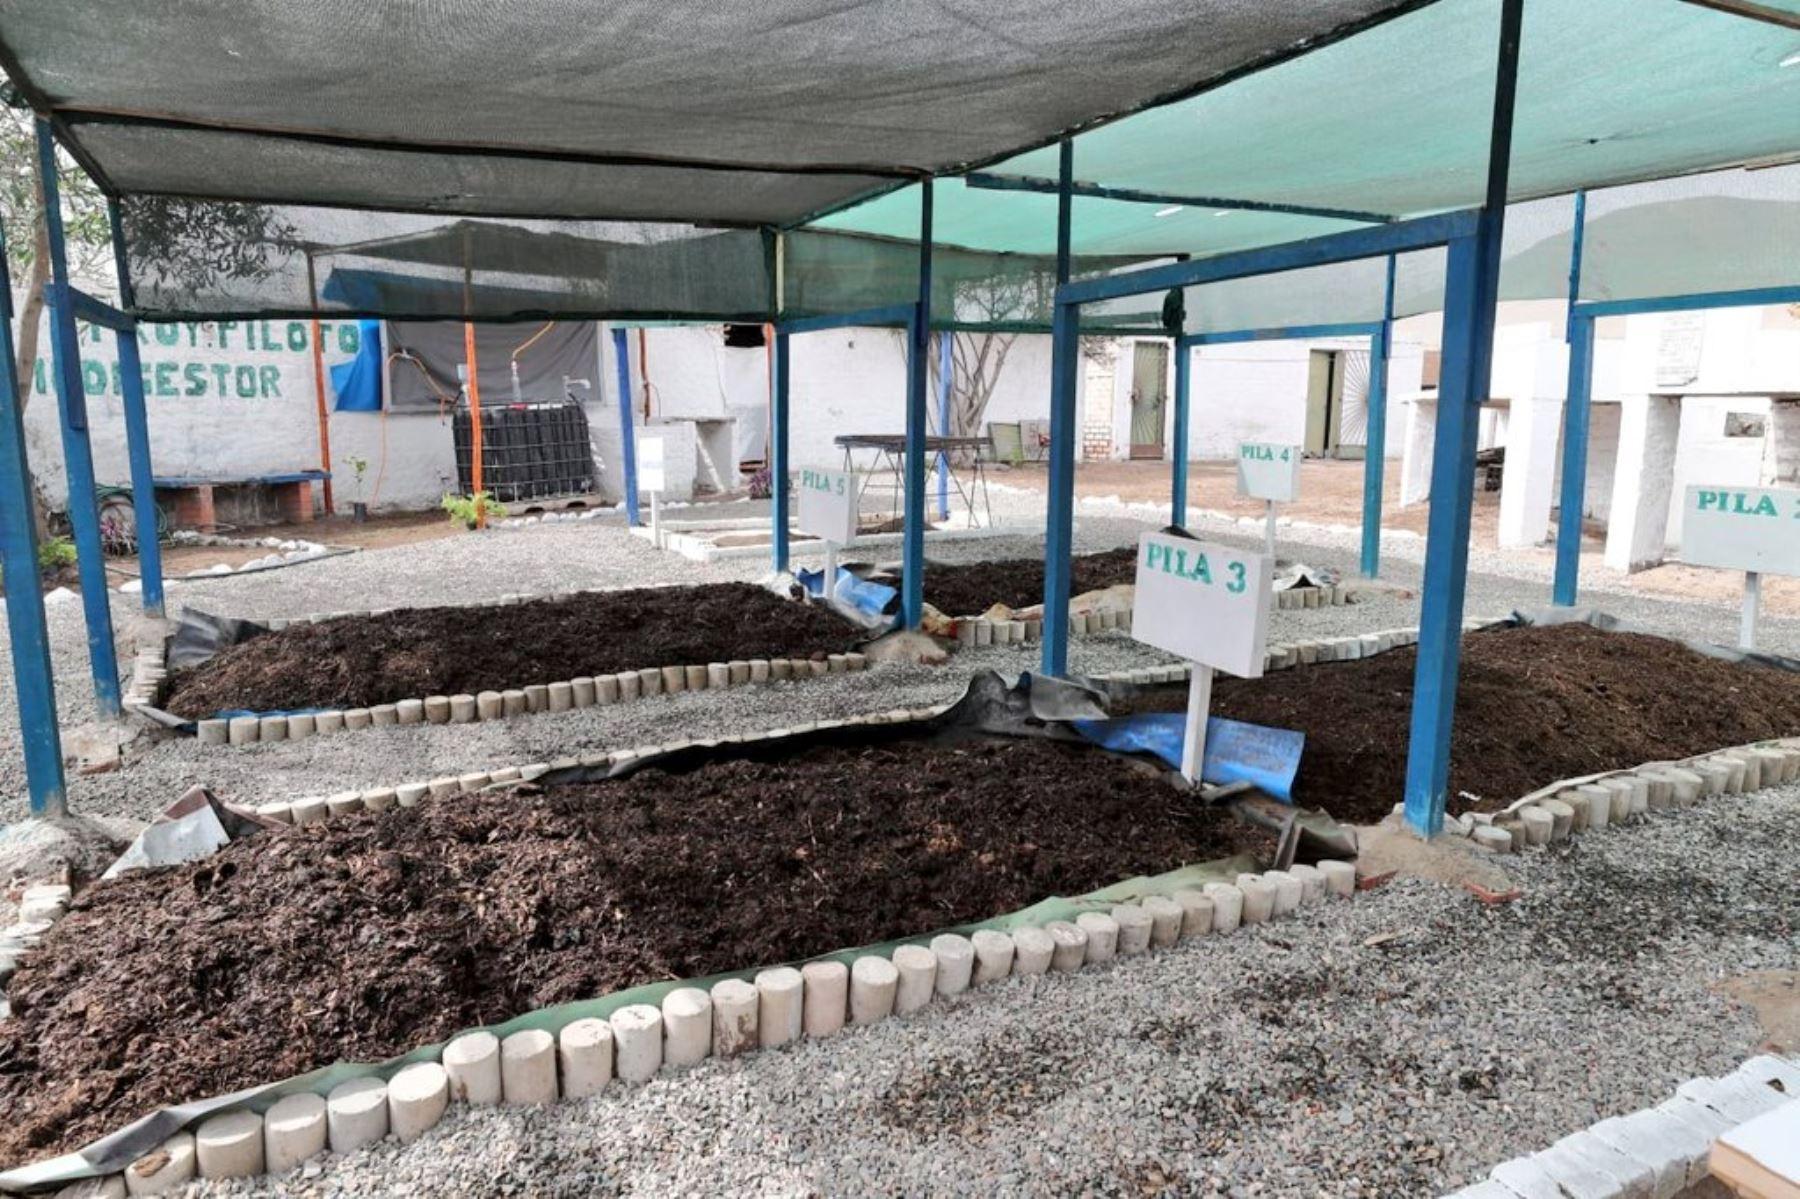 En la visita también se hizo un recorrido por las instalaciones de la planta de #reciclajeSímbolo universal de reciclaje, en donde el representante de municipalidad explicó el proceso de valorización de los residuos inorgánicos. Foto: ANDINA/Minam